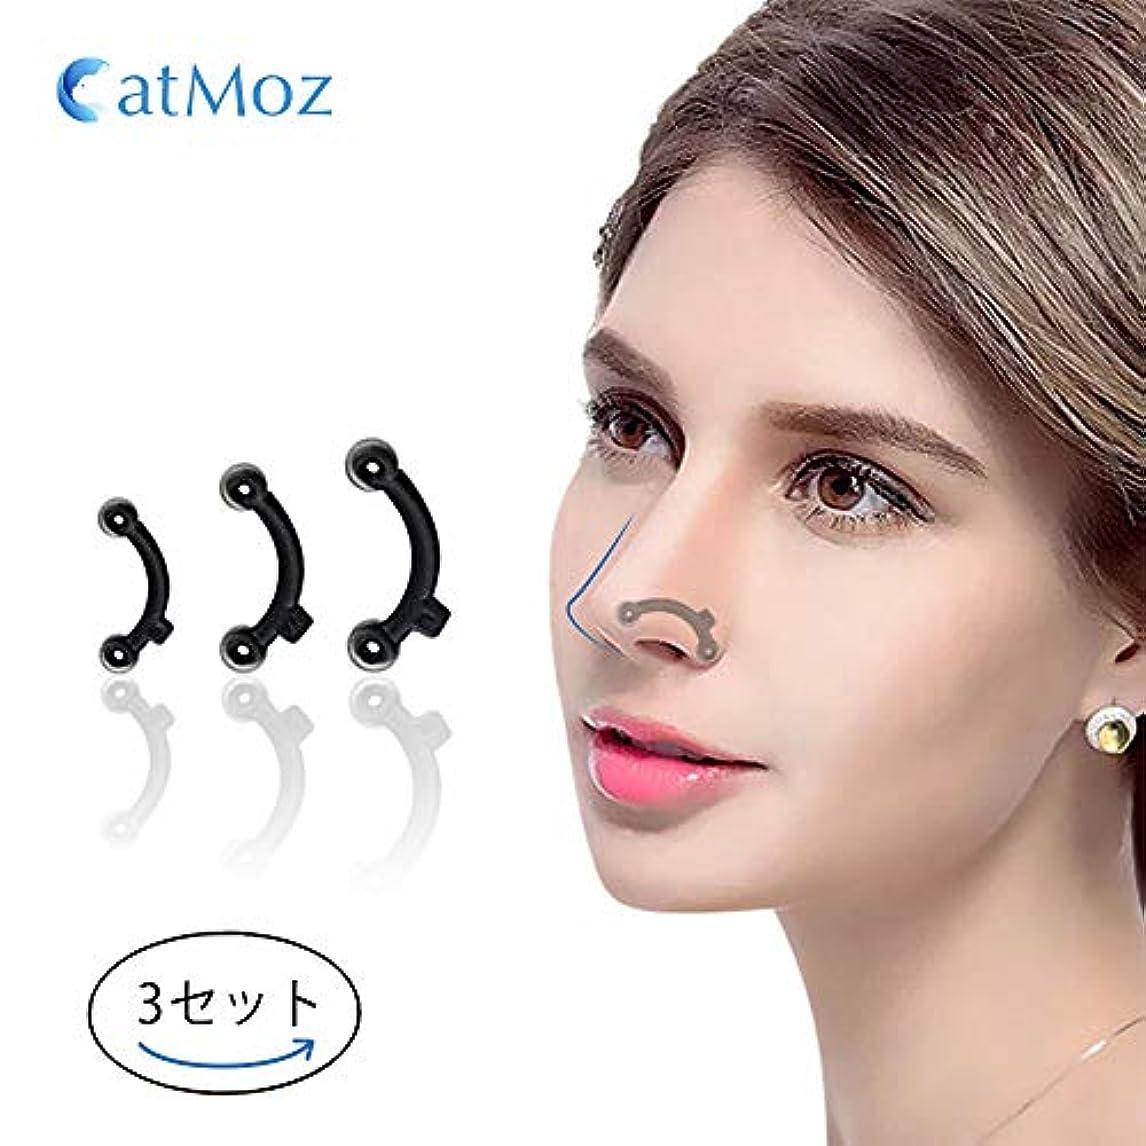 絶滅した混合した設計鼻プチ 柔軟性高く ハナのアイプチ CatMoz ビューティー正規品 矯正プチ 整形せず 23mm/24.5mm/26mm全3サイズセット